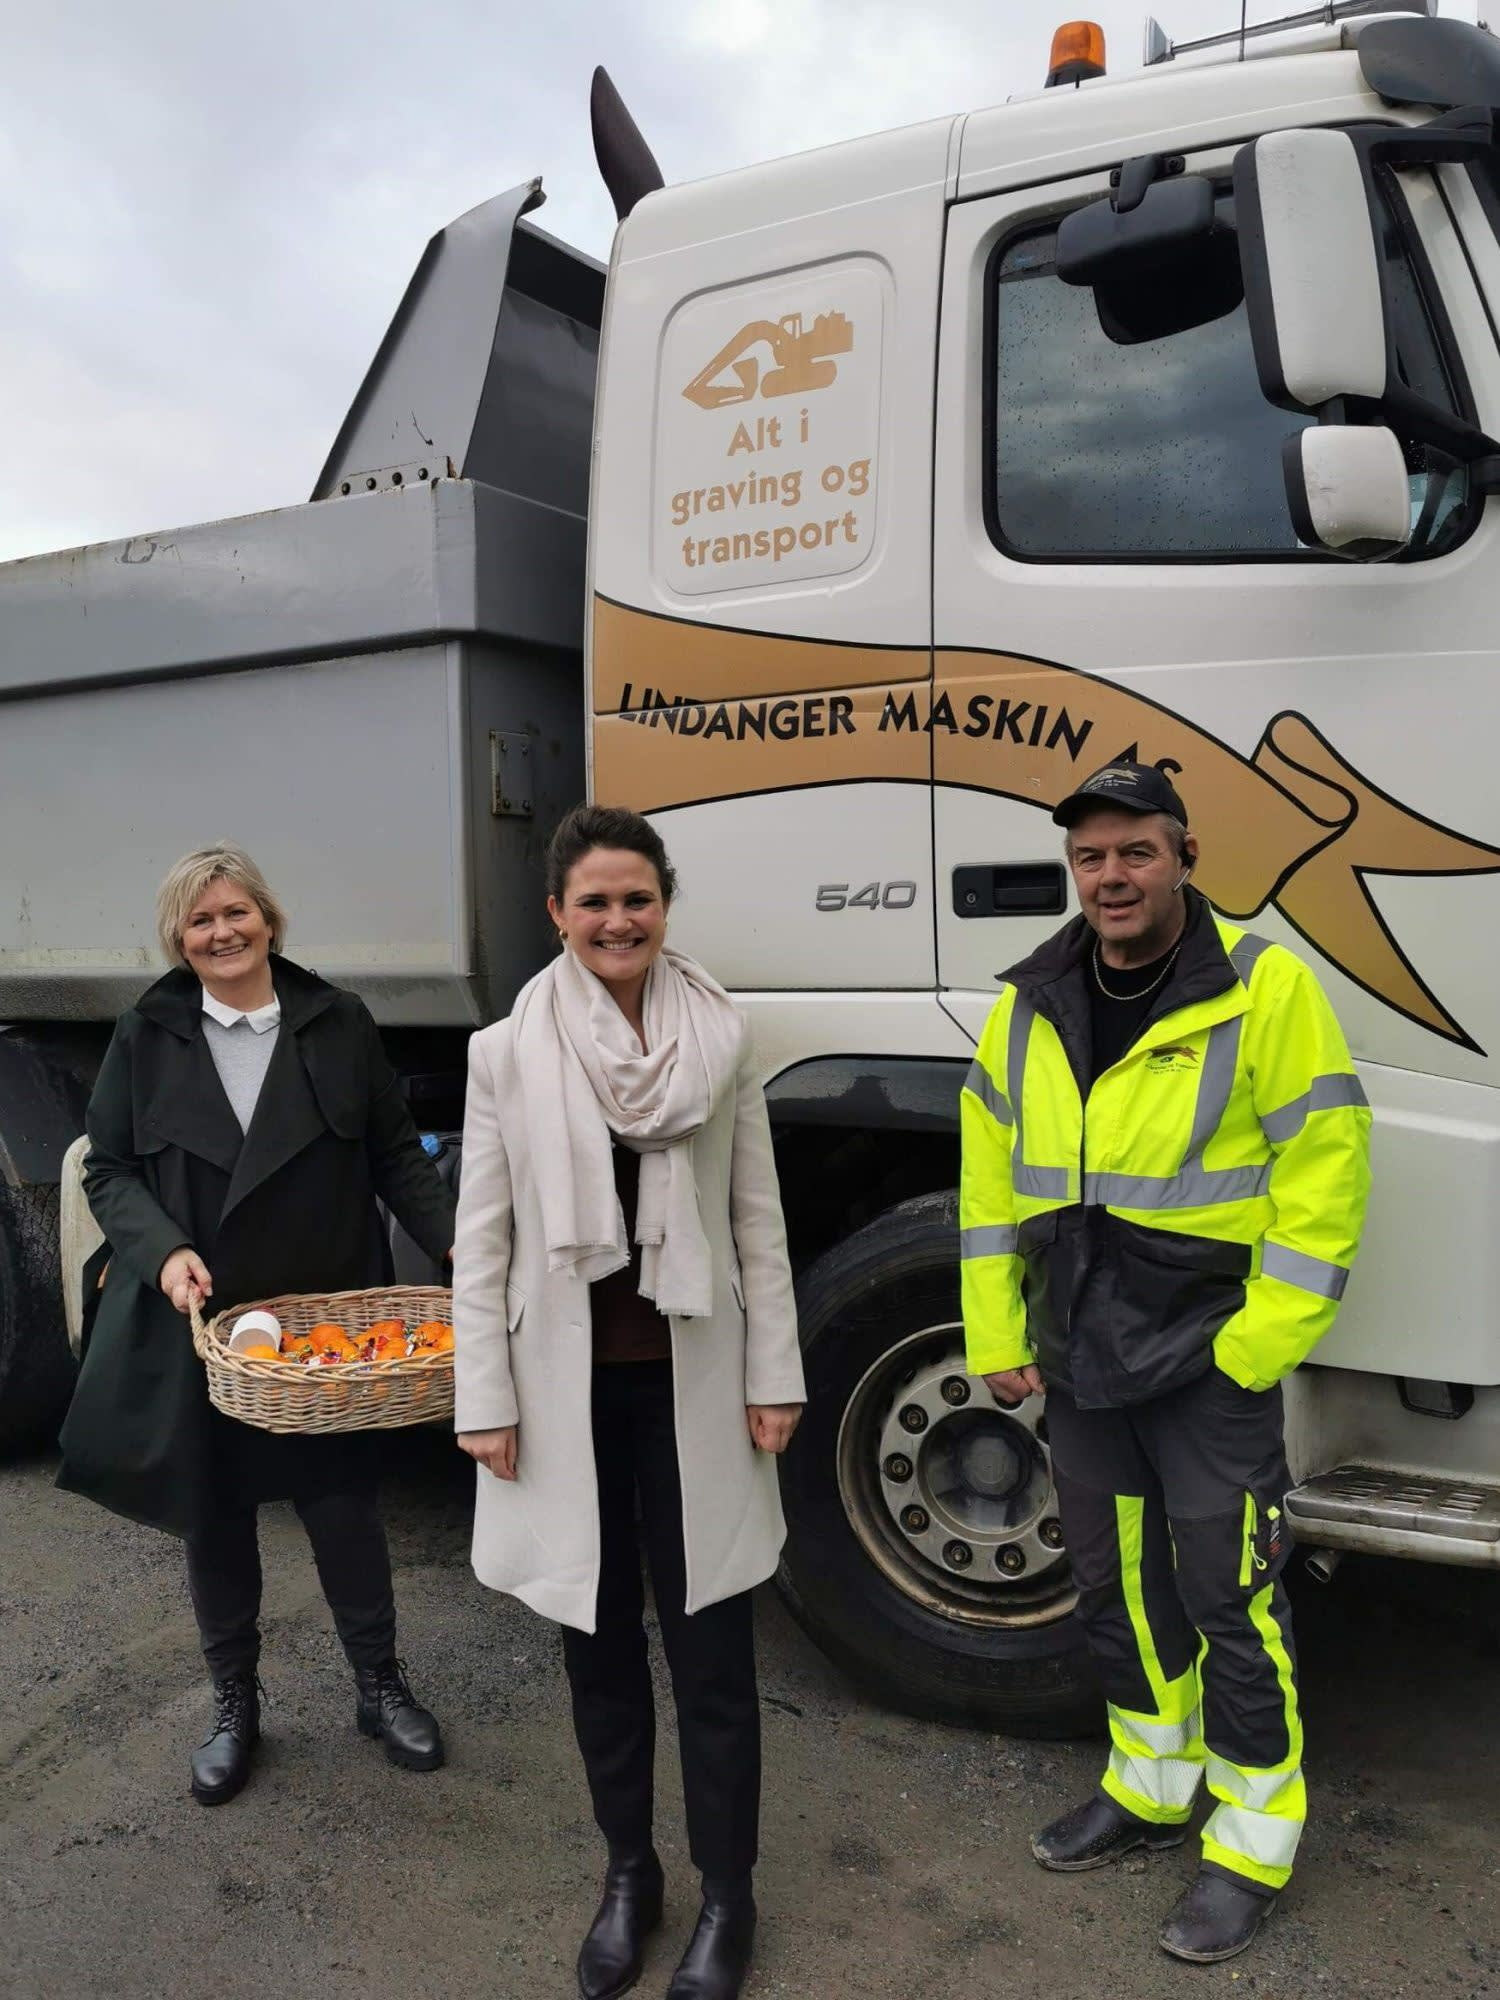 Anne Woie, Kari og Lindanger